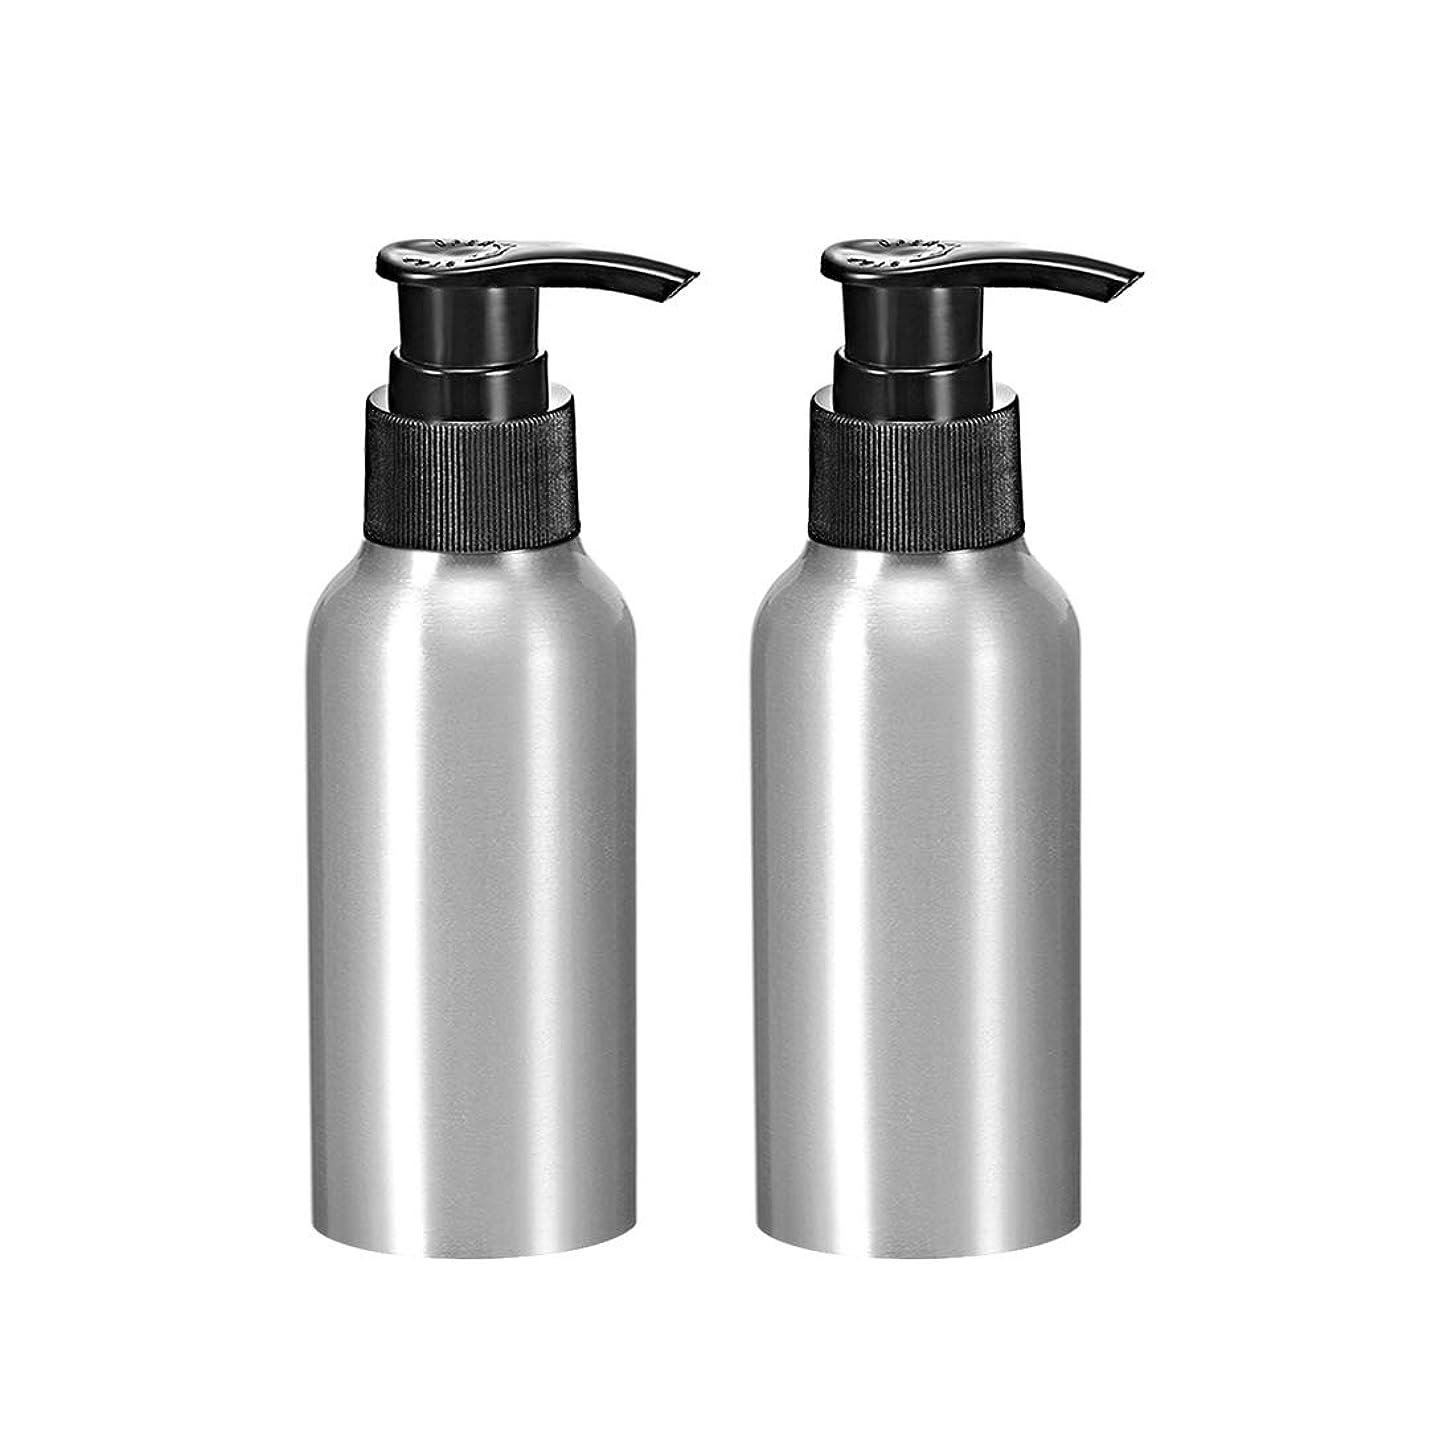 異なるケント彼らuxcell uxcell アルミスプレーボトル ブラックファインミストスプレー付き 空の詰め替え式コンテナ トラベルボトル 4oz/120ml 2個入り